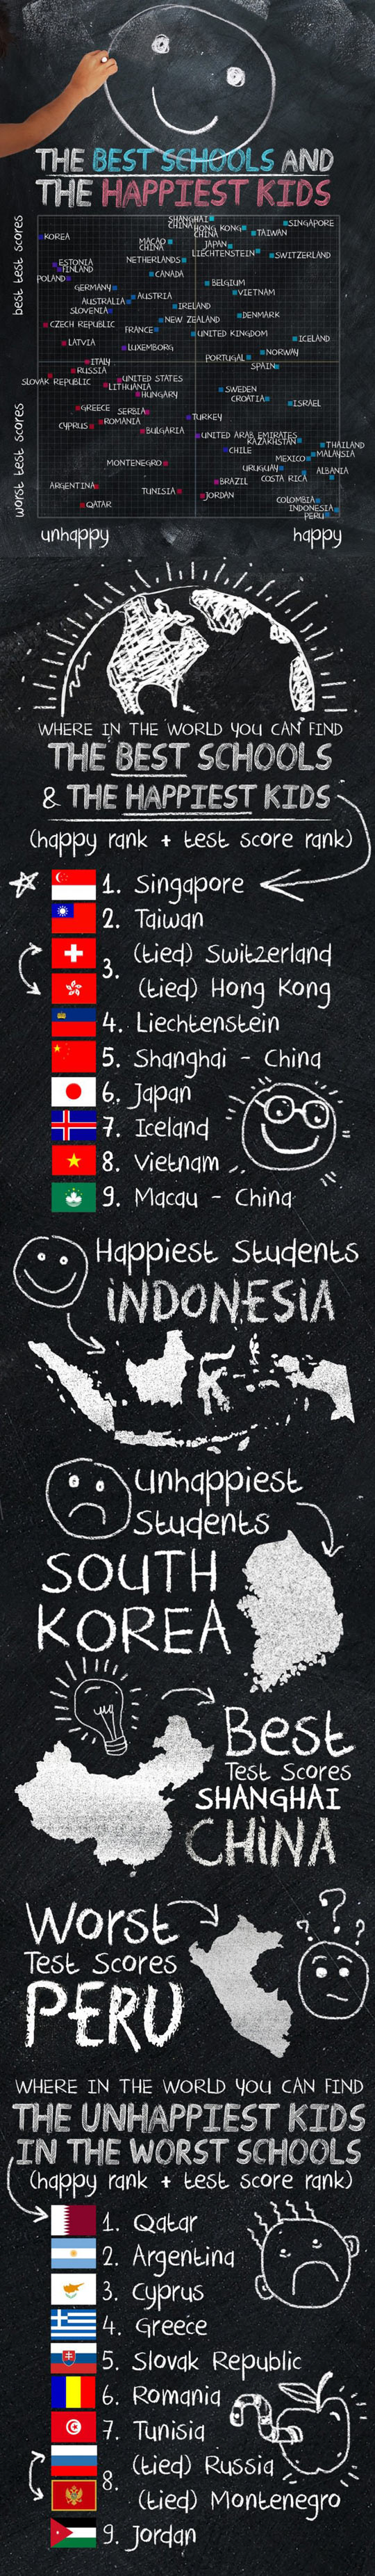 cool-infographic-best-schools-happiest-kids